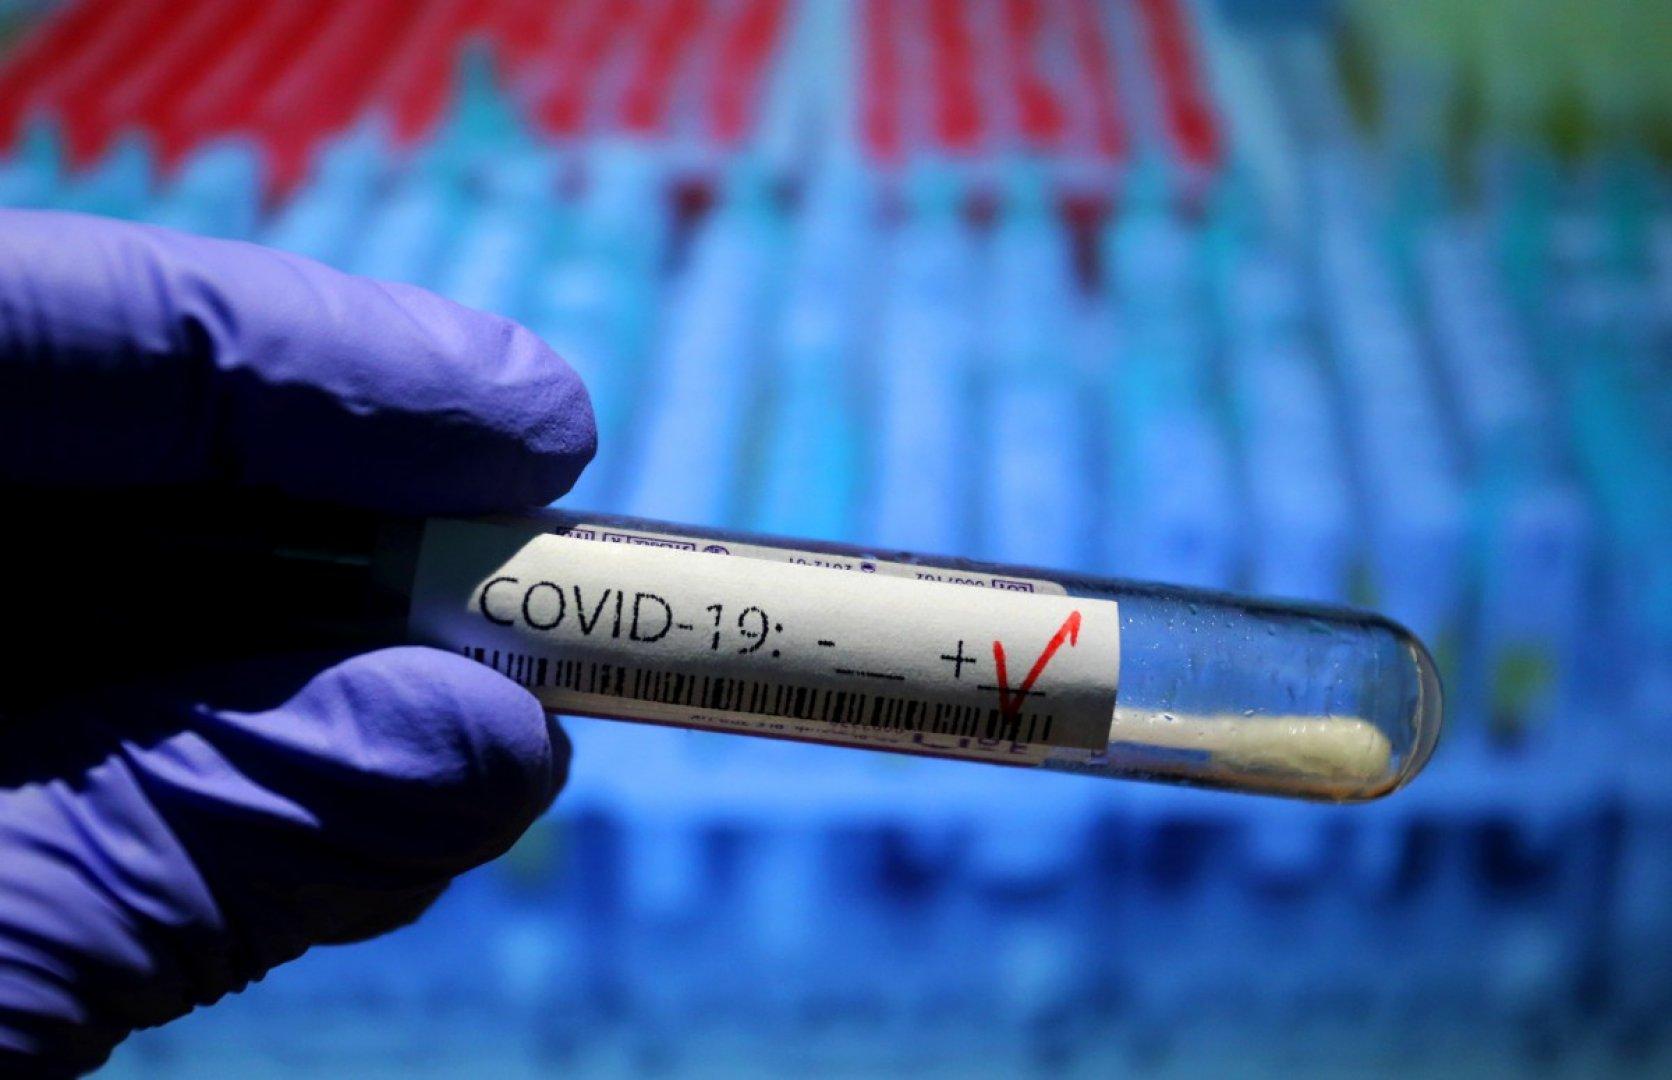 53 души с корона вирусна инфекция са на интензивно лечение. Снимката е илюстративна